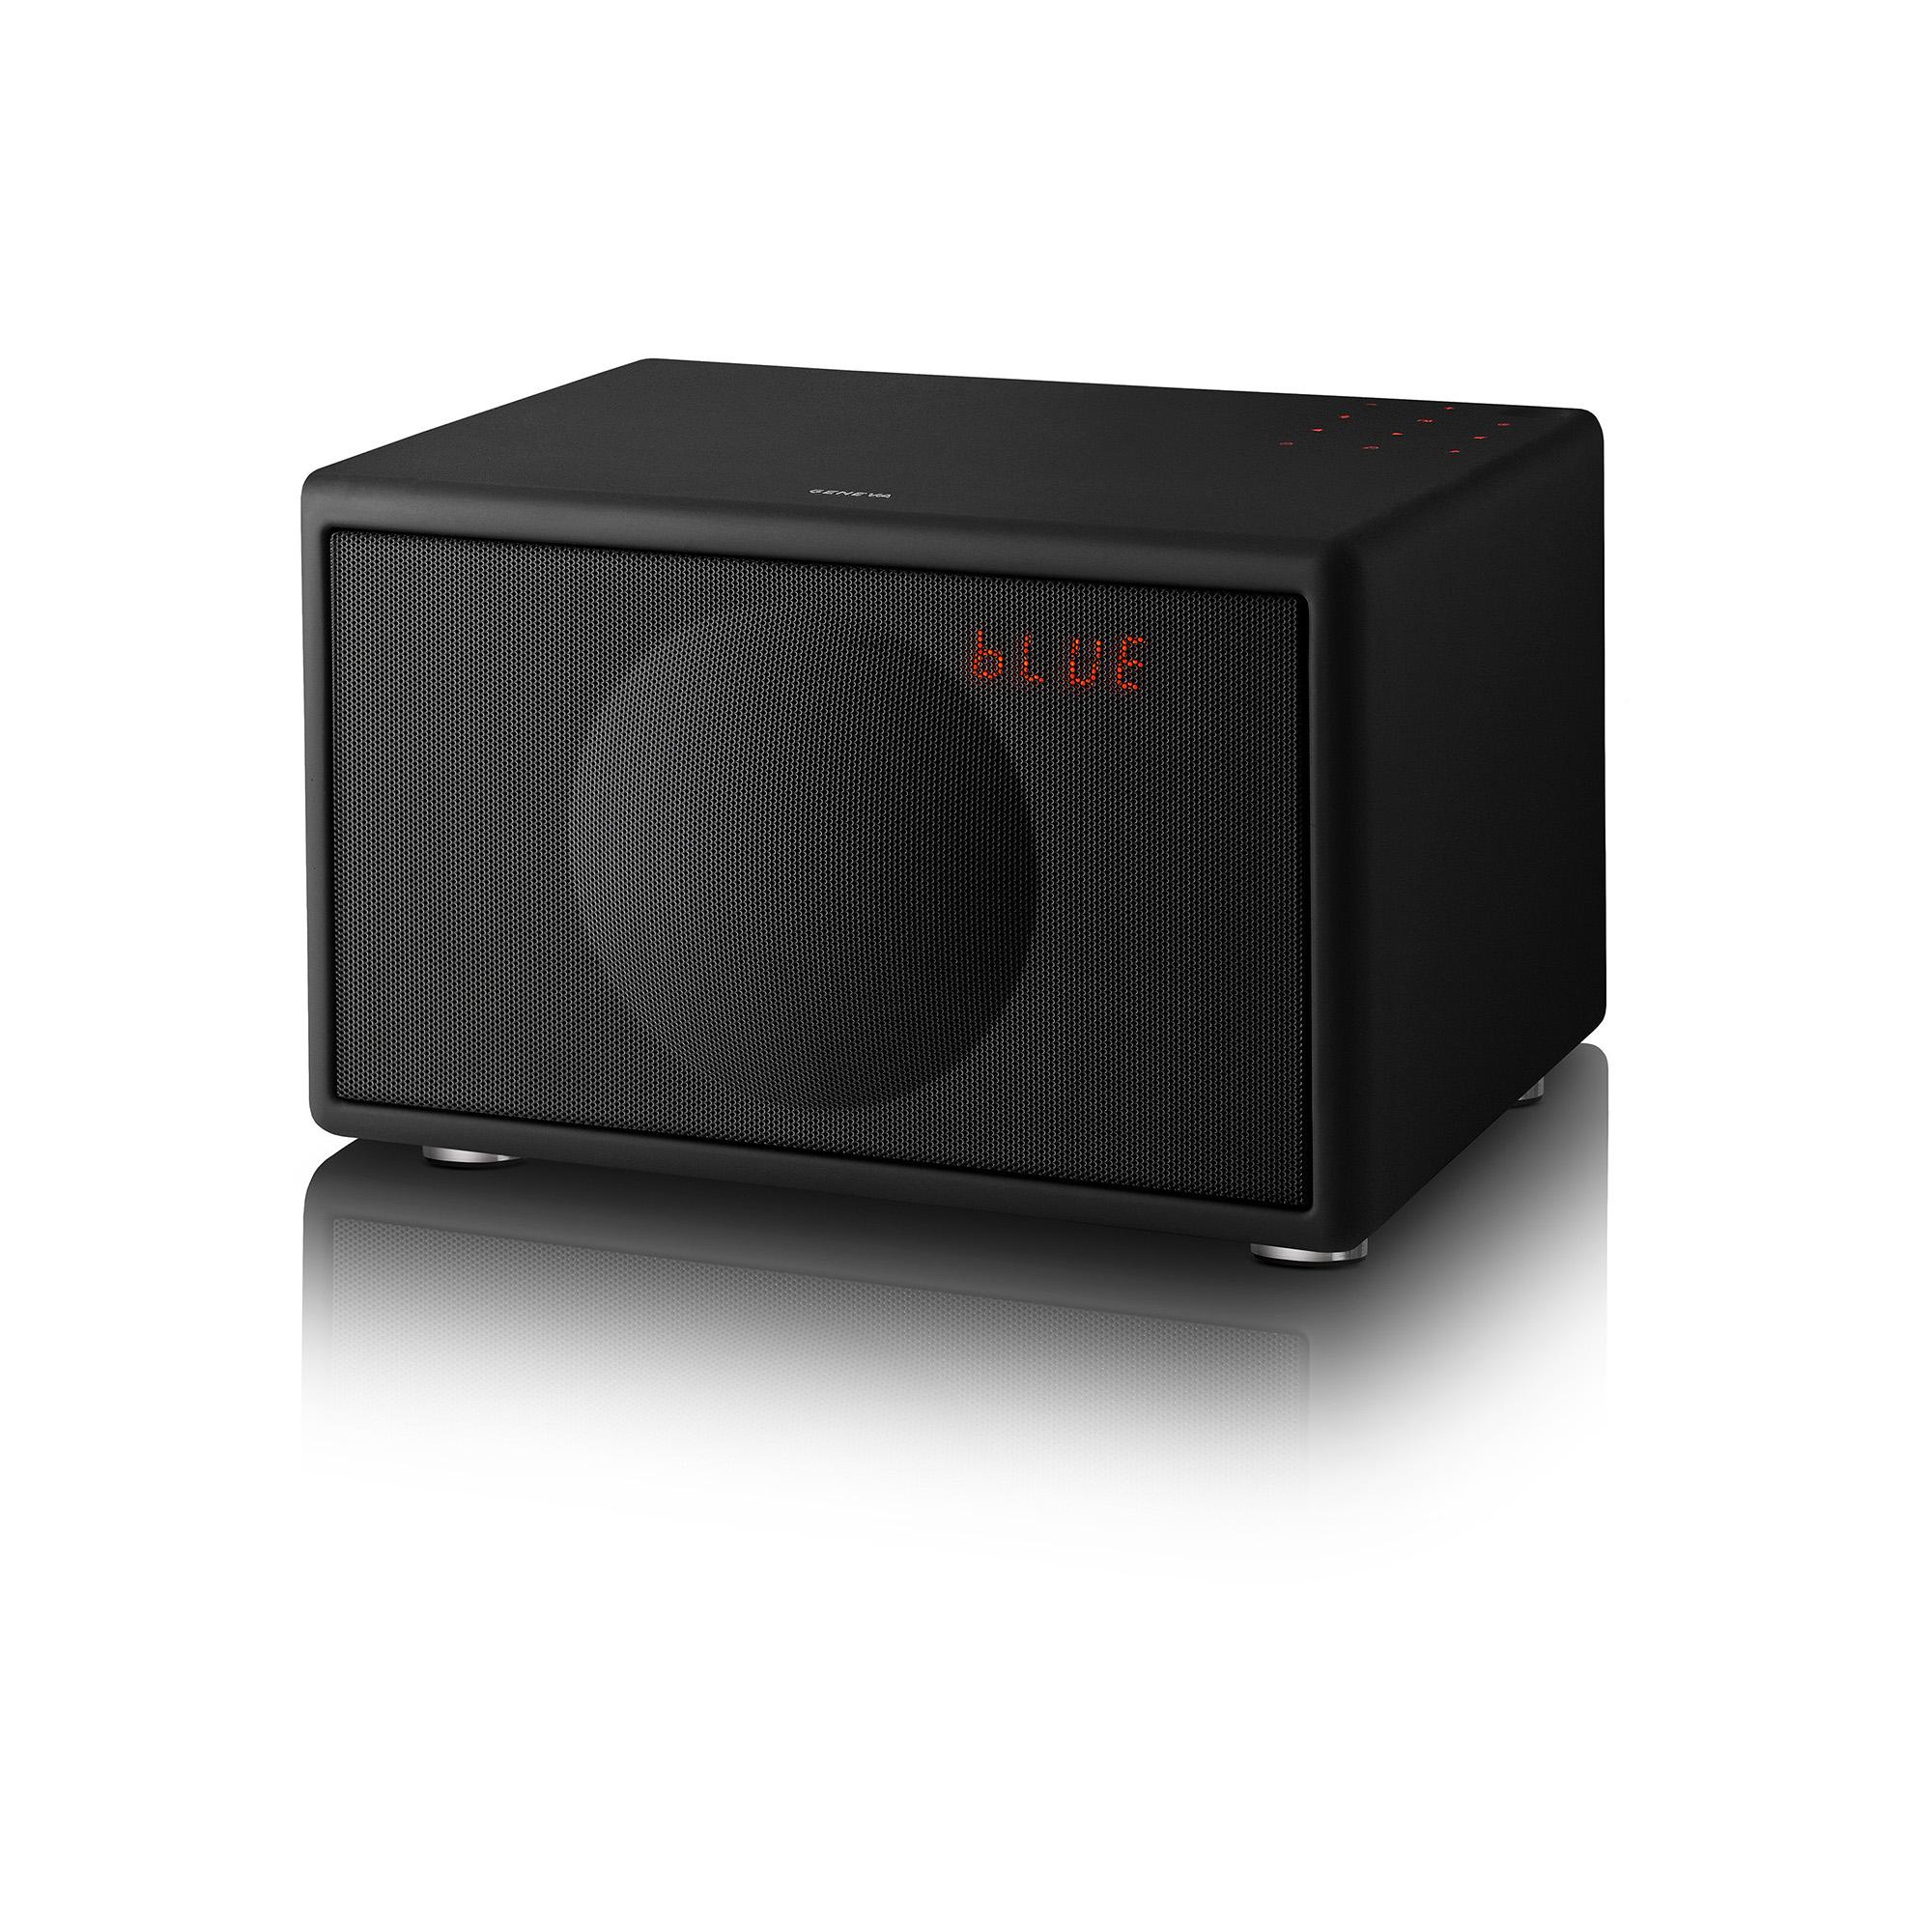 hørselvern dab radio og bluetooth